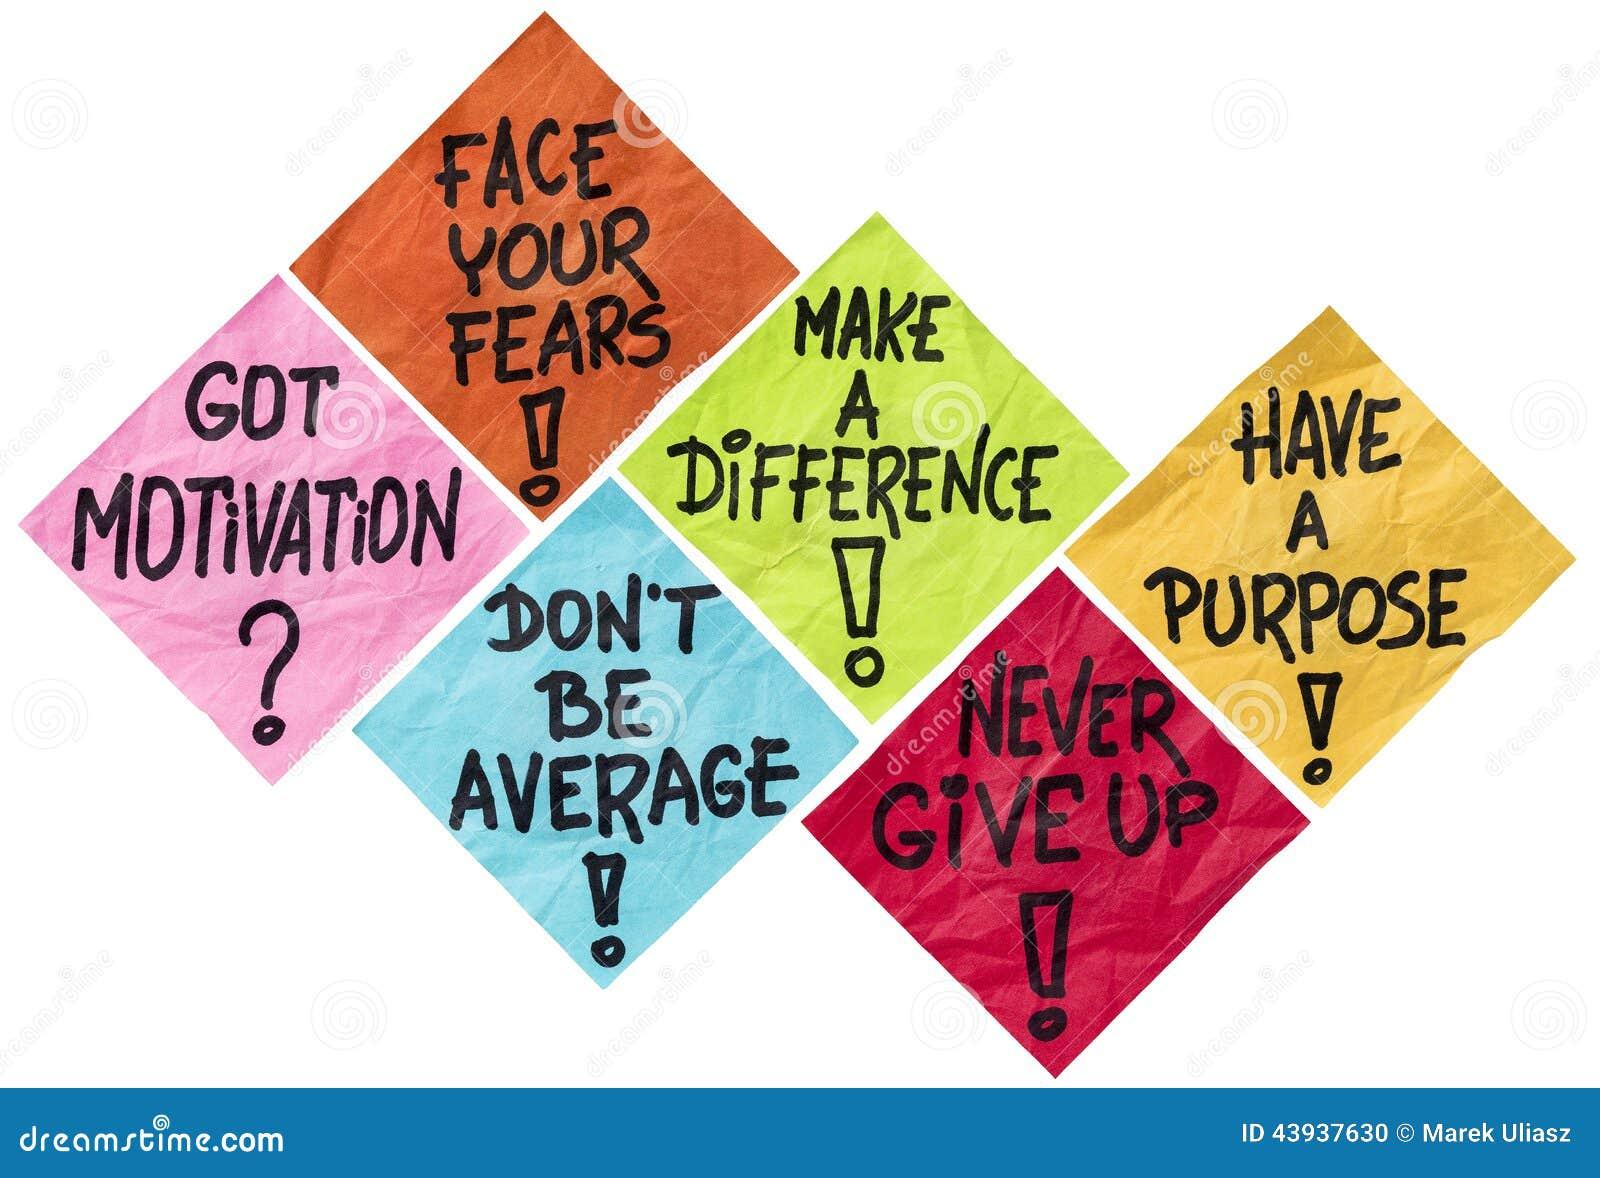 Motivation reminder notes